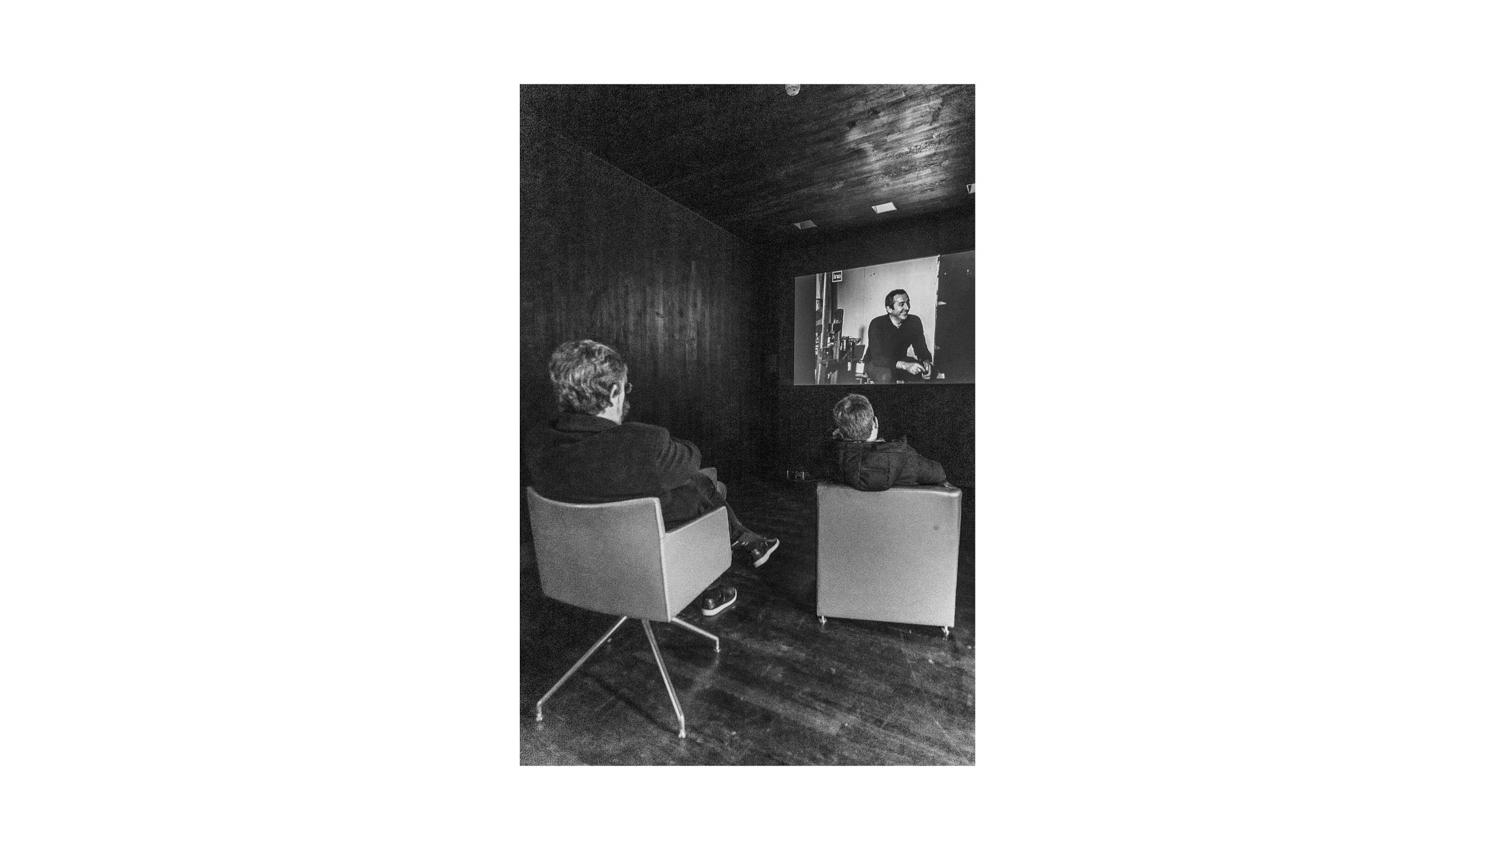 Pierre Soulages, Photographie Nadim Zeraïa. Nos Films, Société de production vidéo et film à Montpellier.